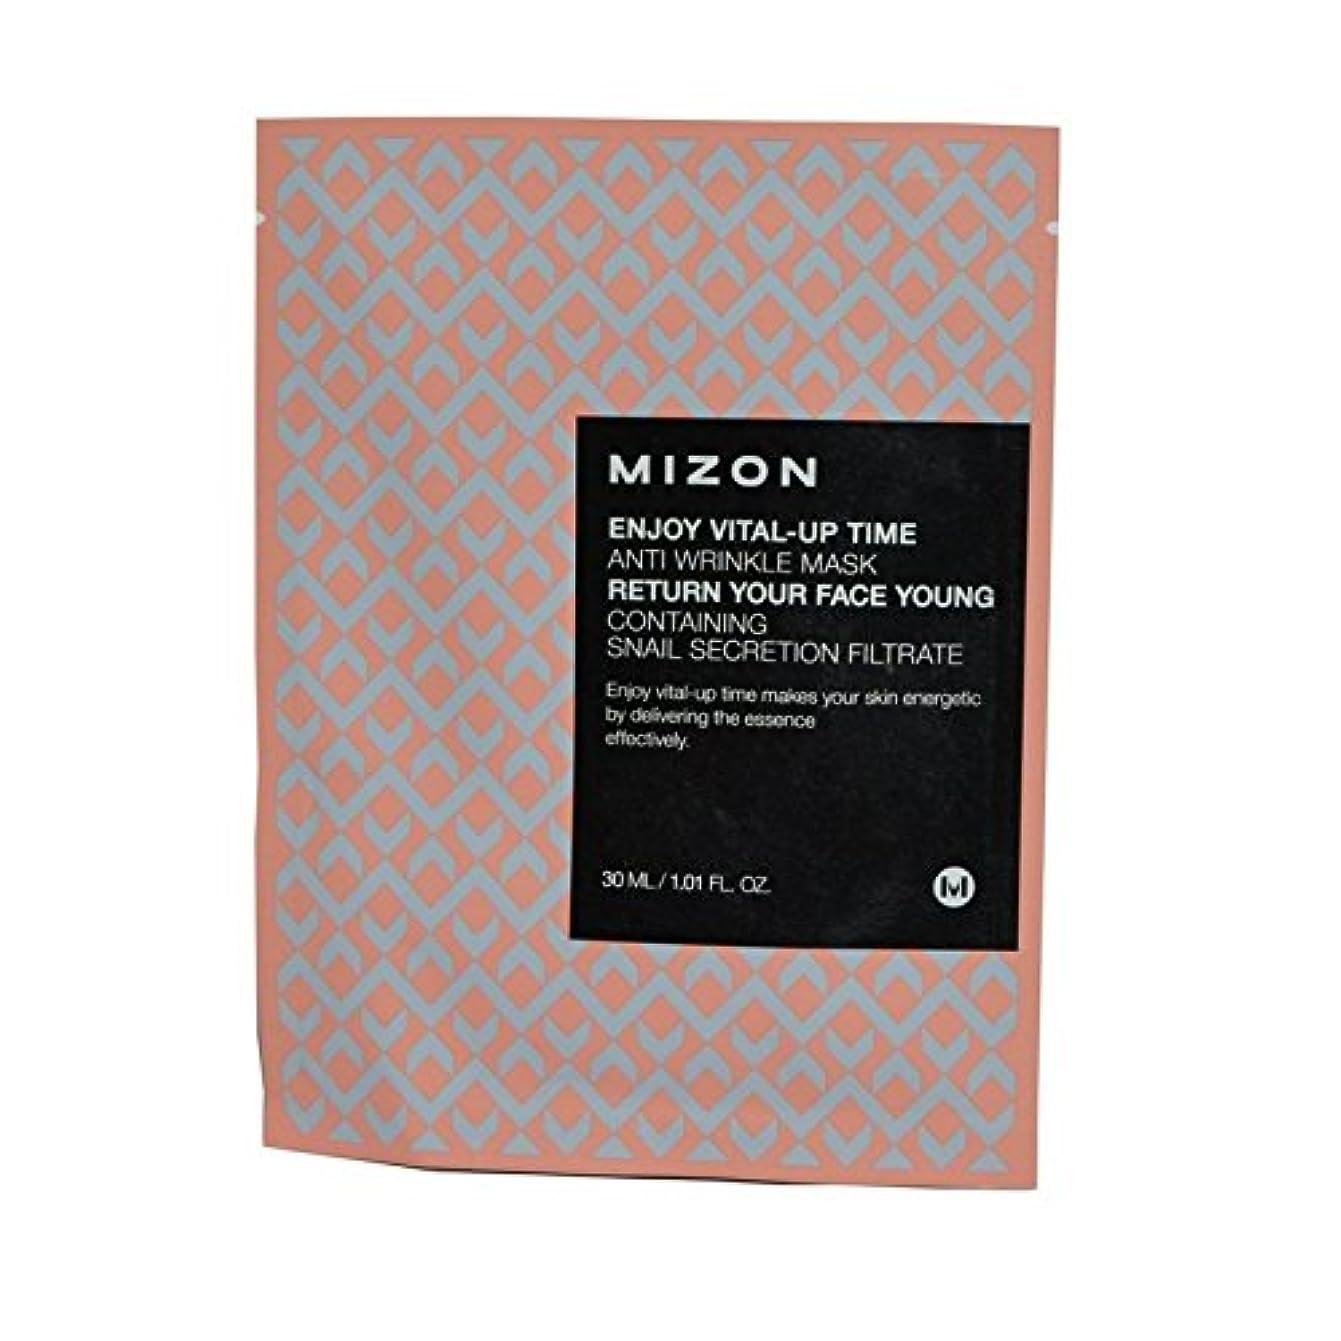 野なベリ正しくが不可欠アップ時間抗しわマスクを楽しみます x2 - Mizon Enjoy Vital Up Time Anti-Wrinkle Mask (Pack of 2) [並行輸入品]